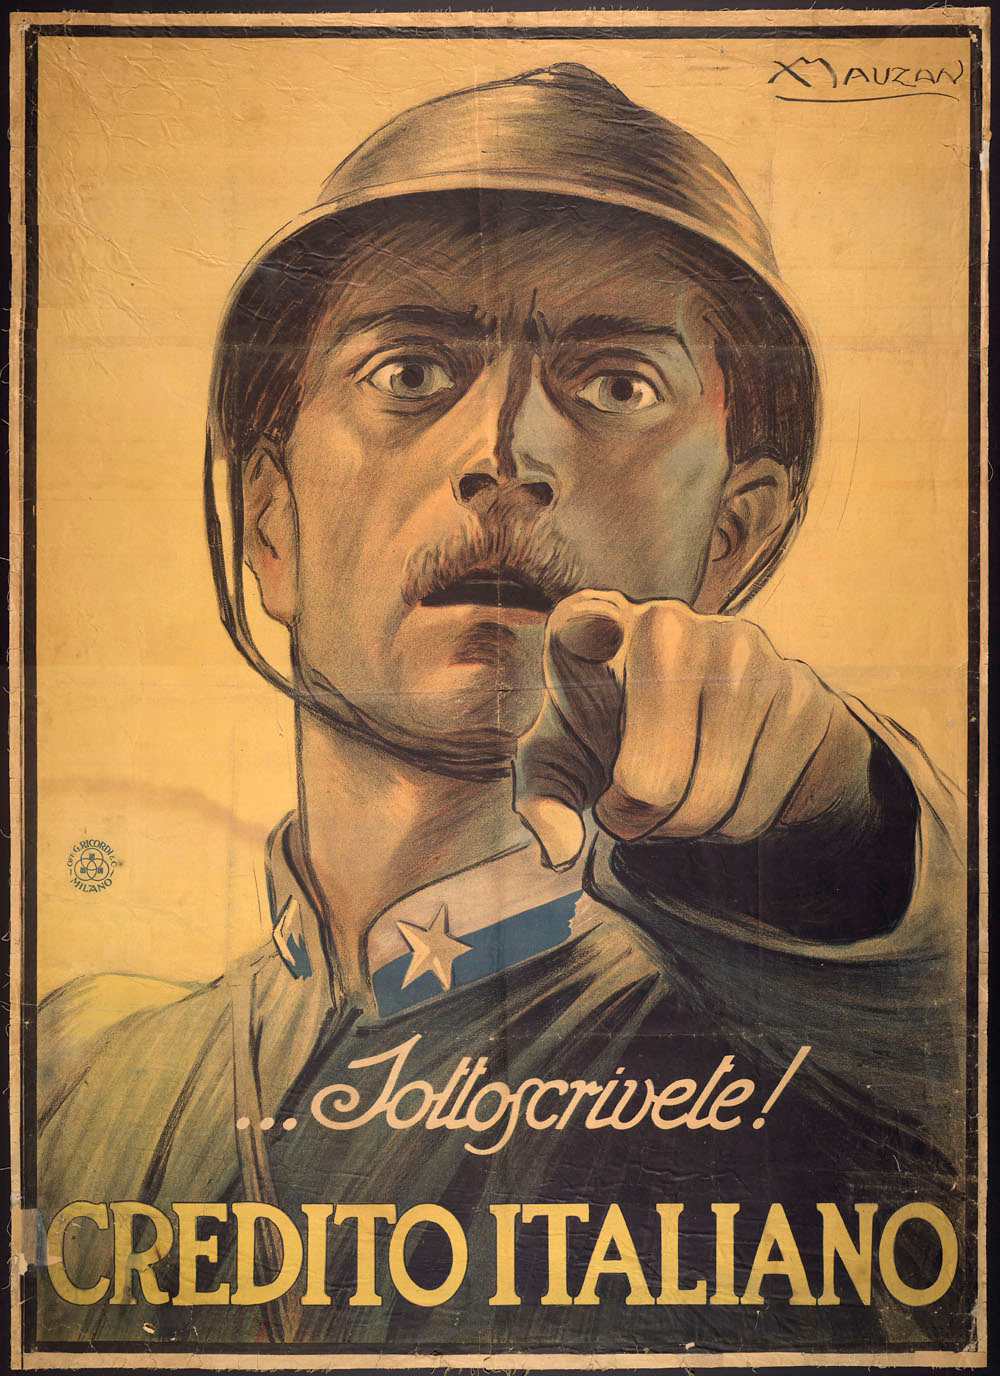 17-achille-mauzan-italy-1917